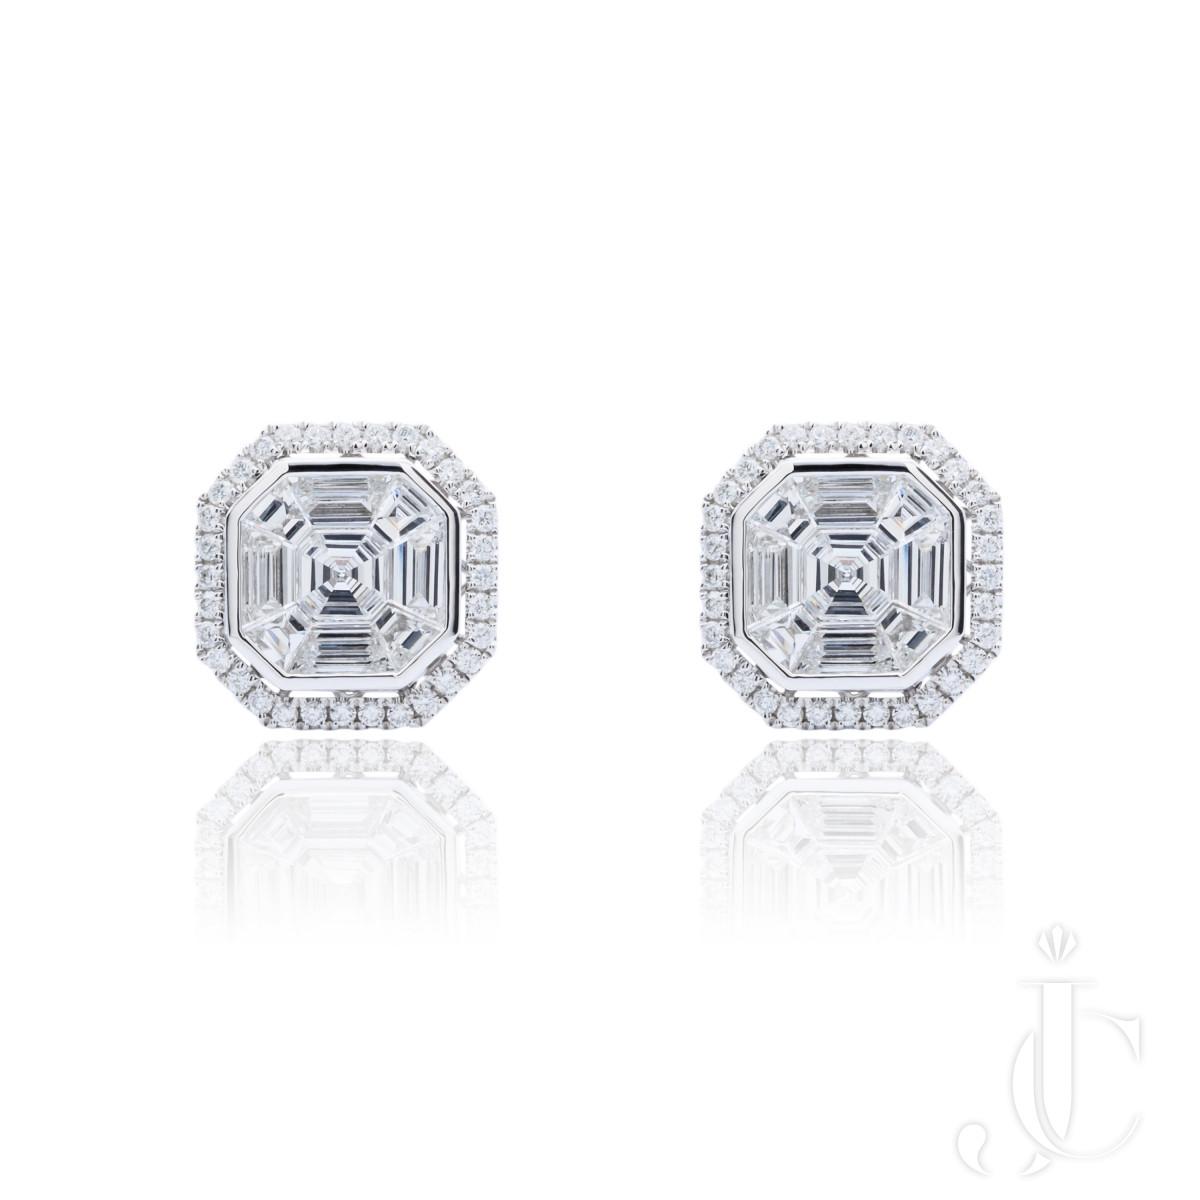 An Order of Bling Asscher Shaped Diamond Earrings